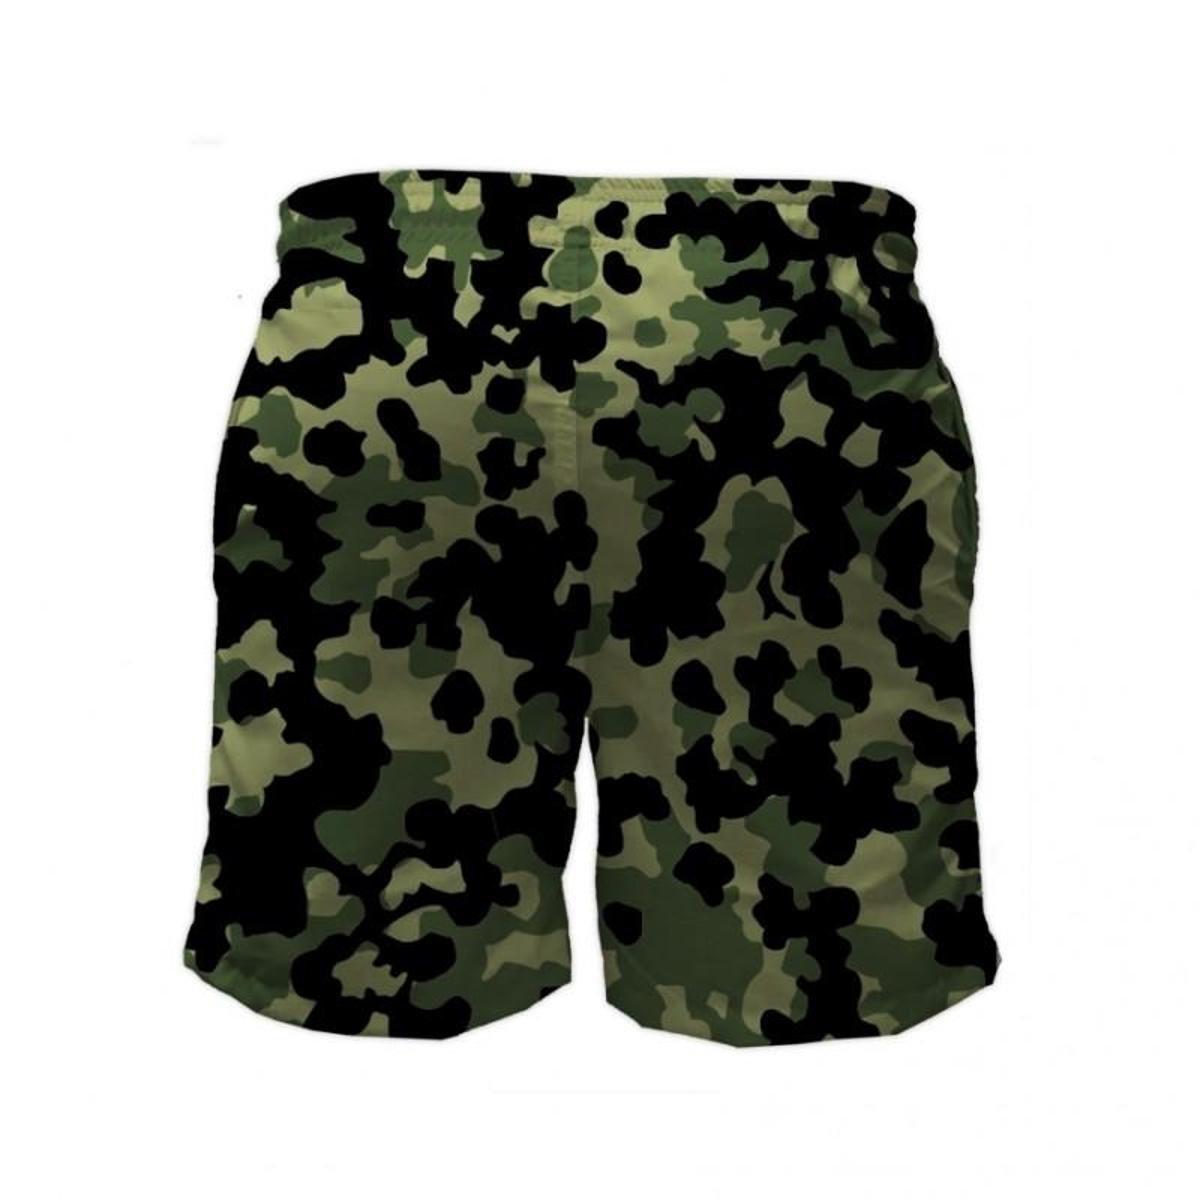 adidas camuflado verde e preto